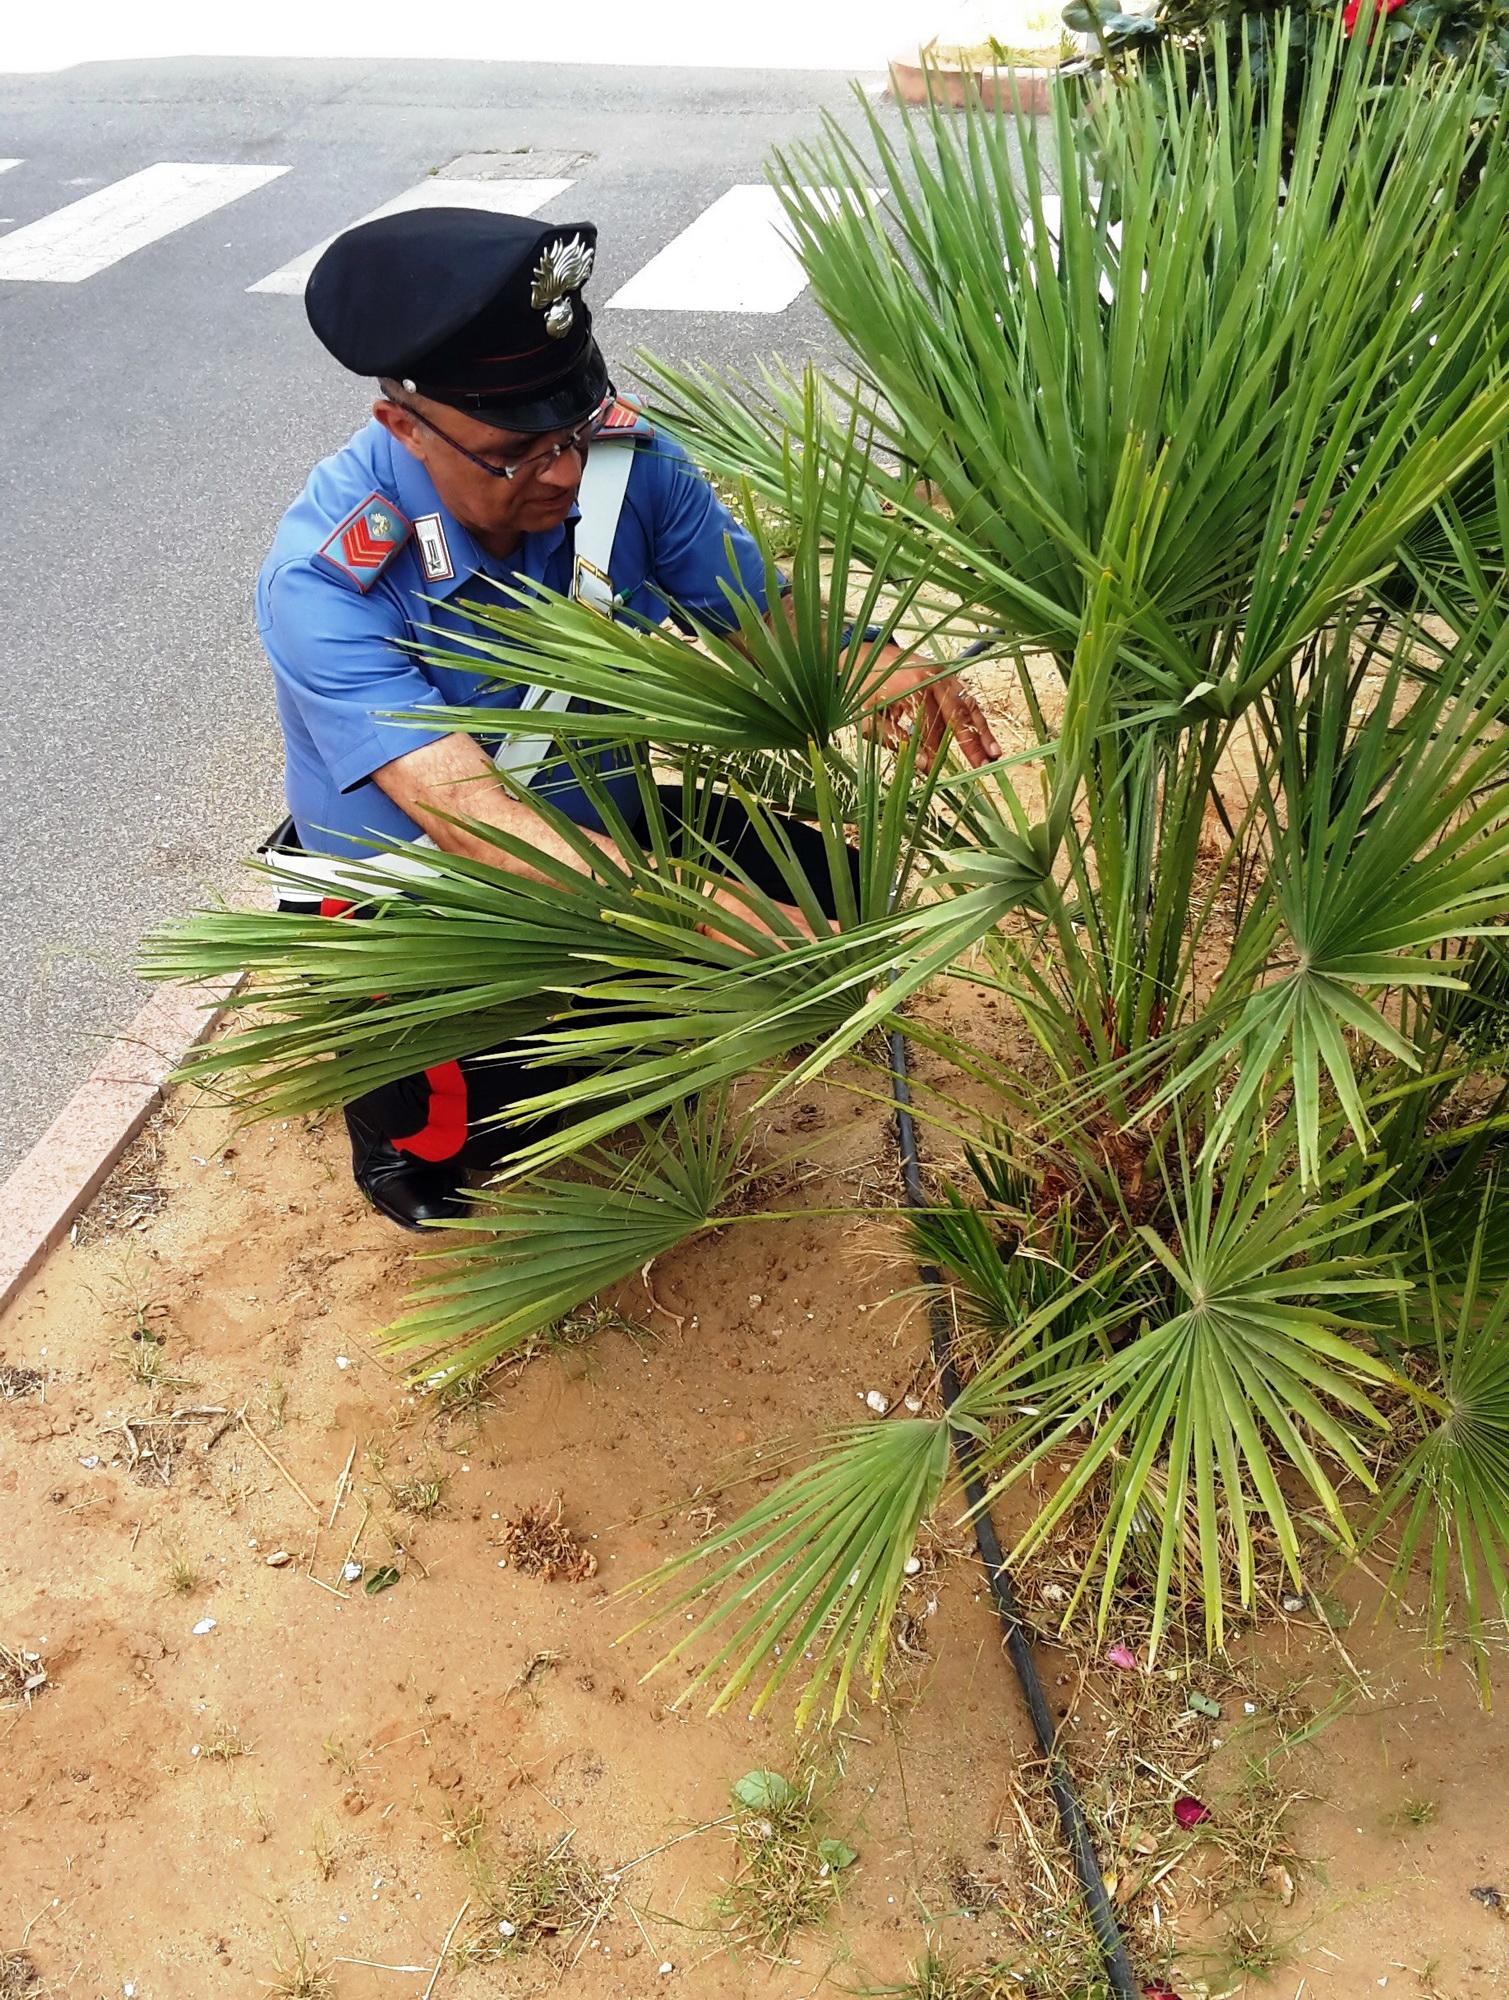 Vittoria – Nasconde droga nella corteccia di una palma, tunisino arrestato da carabiniere fuori servizio